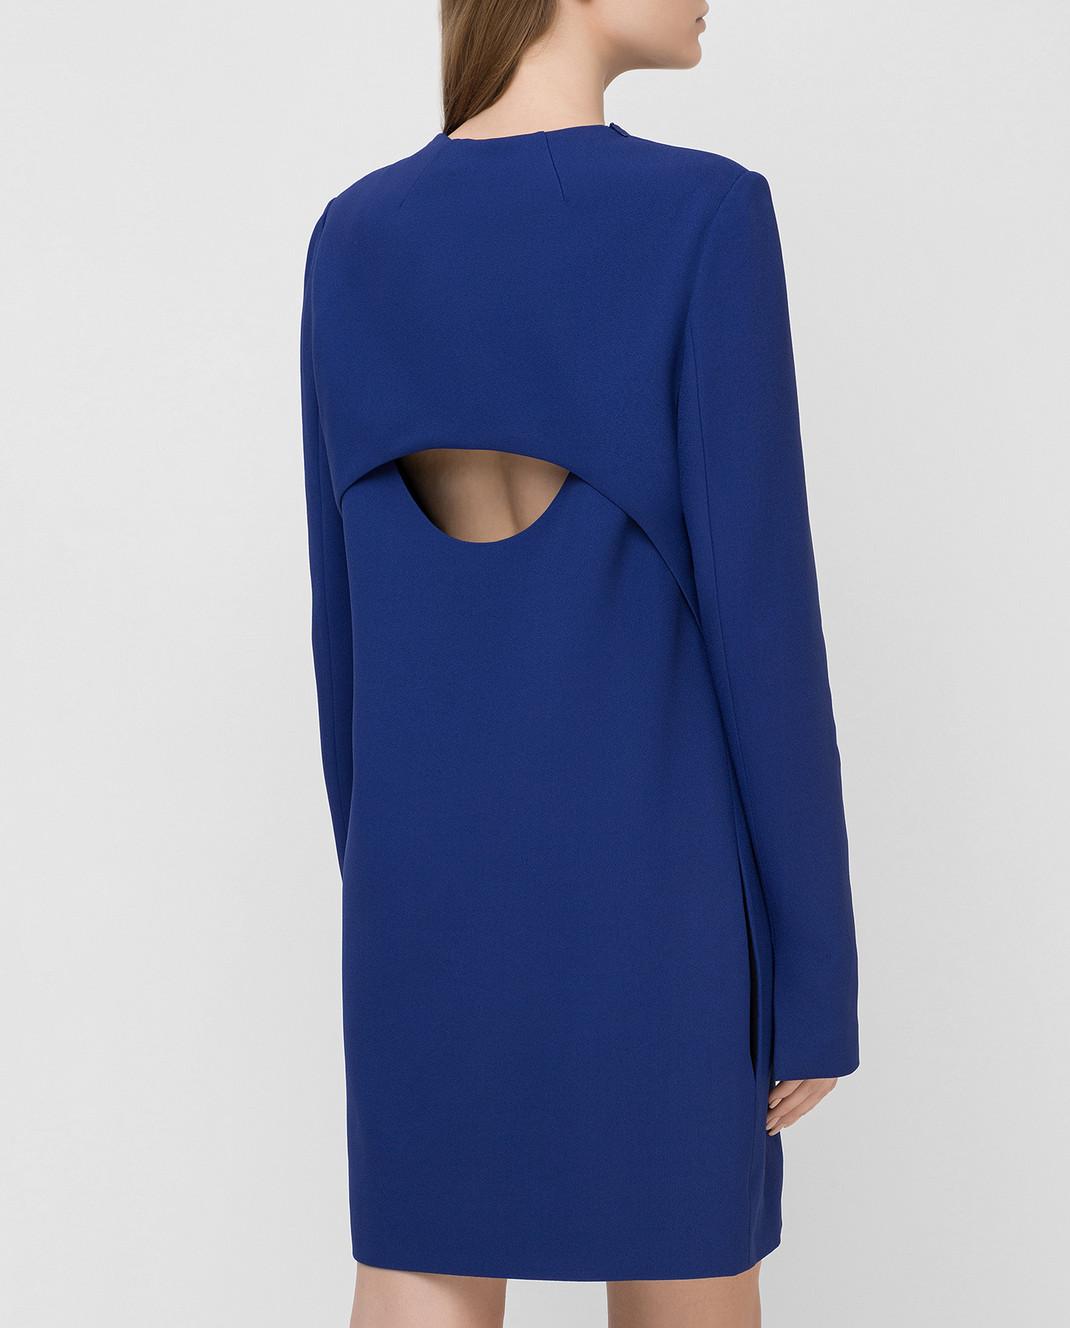 Victoria Beckham Синее платье 517 изображение 4